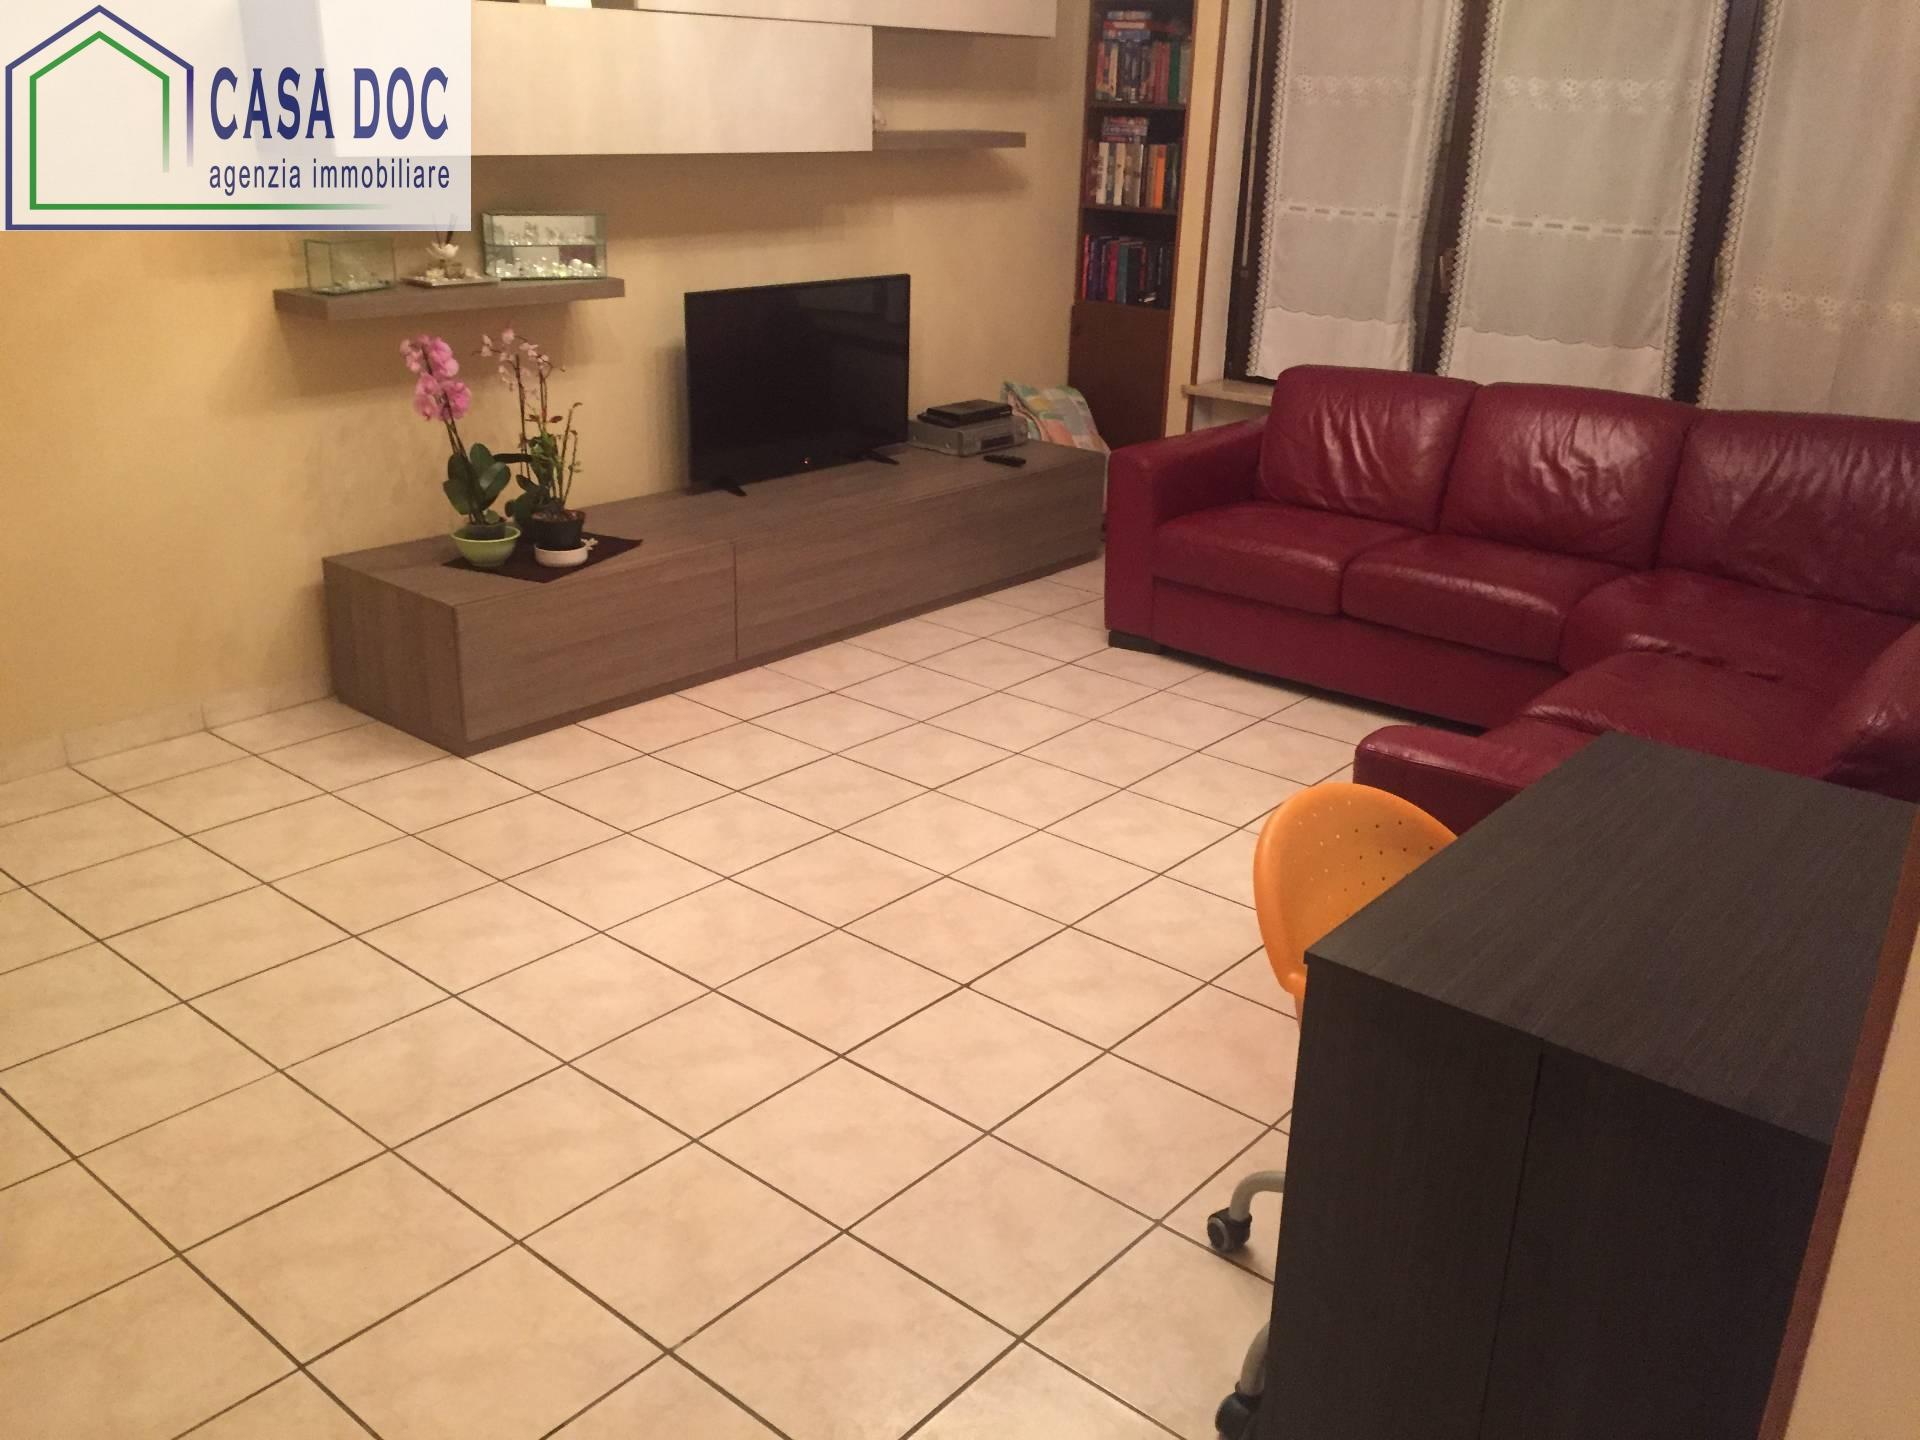 Appartamento in vendita a Rozzano, 3 locali, prezzo € 185.000 | CambioCasa.it